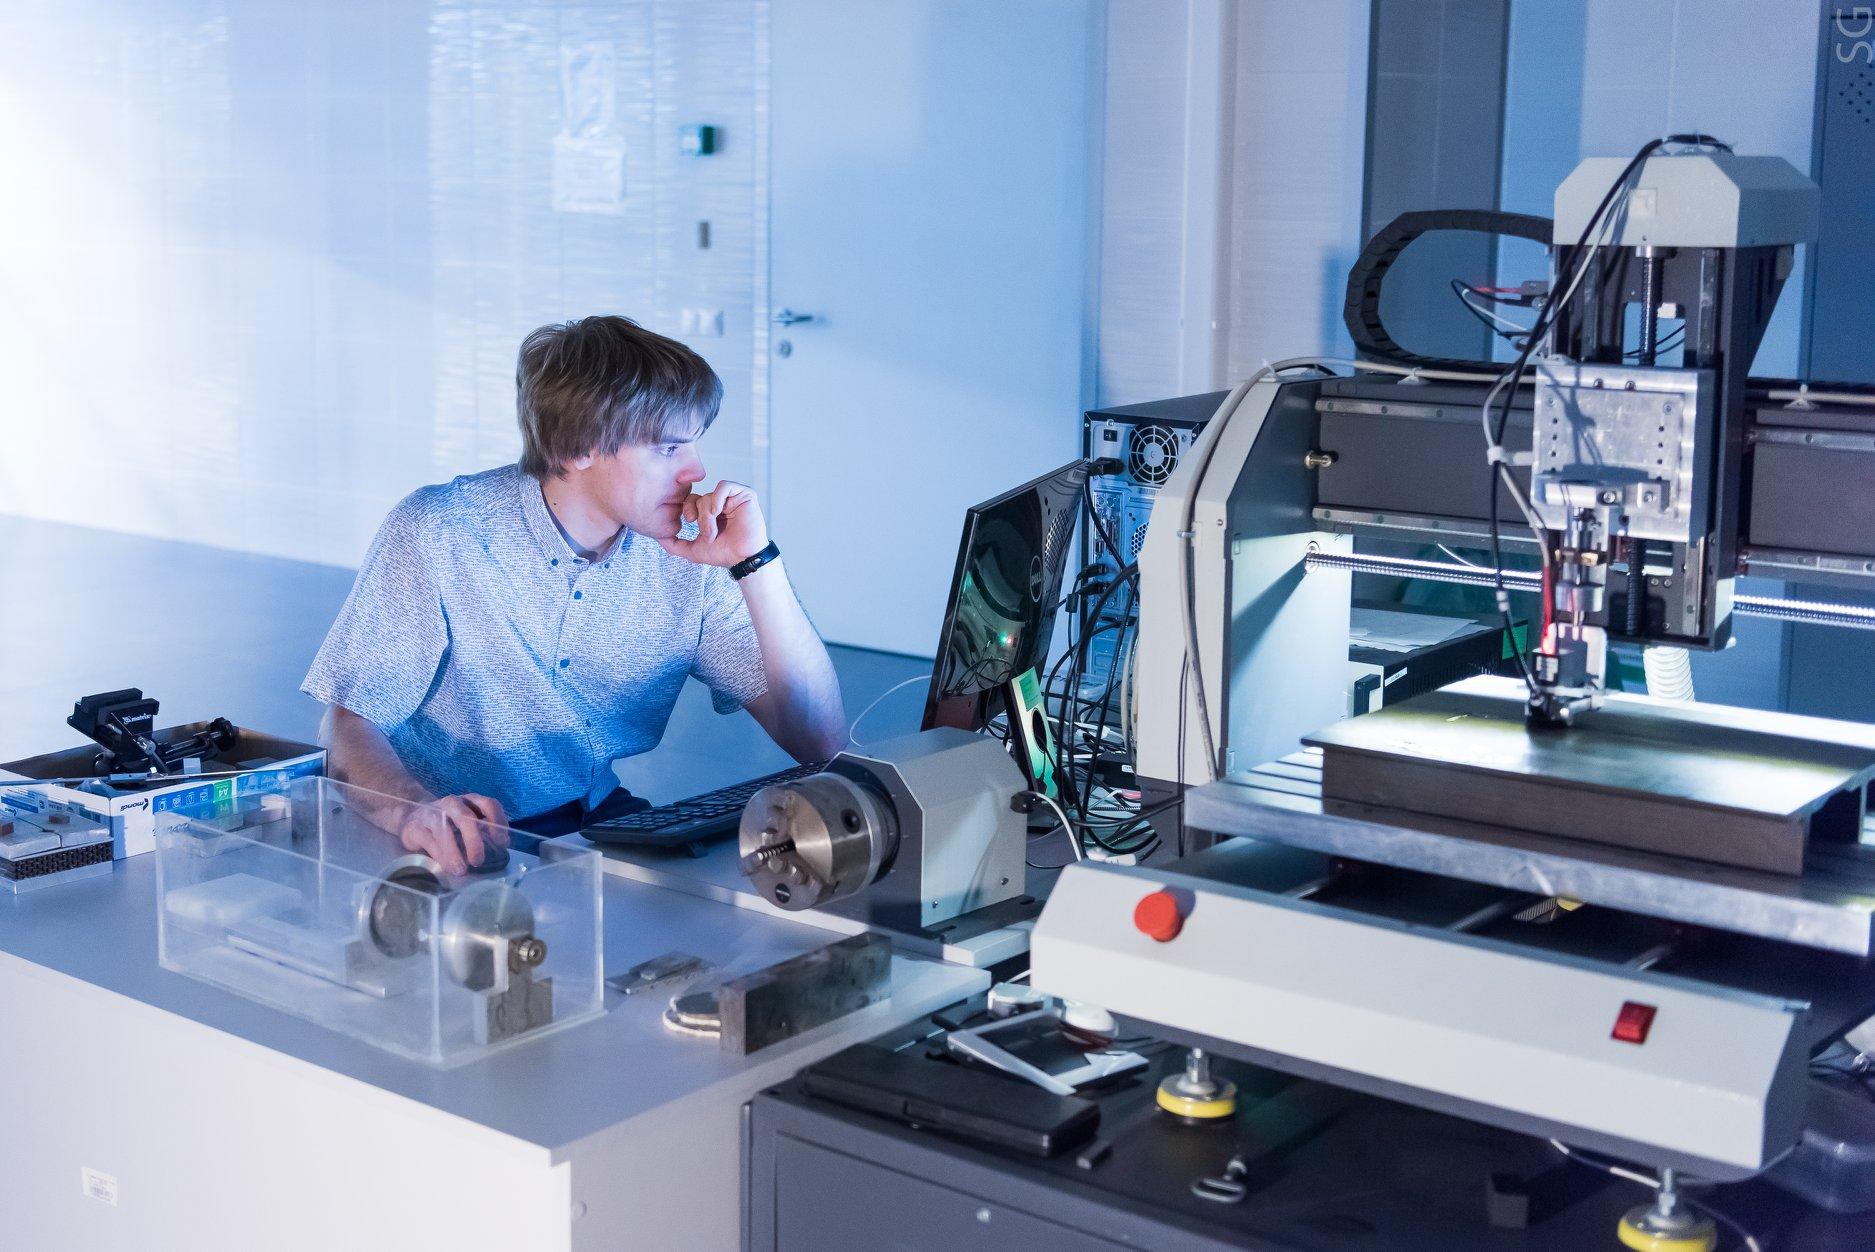 Писк раковой опухоли: ученые НИТУ «МИСиС» разработали лазерное УЗИ для диагностики онкологических заболеваний